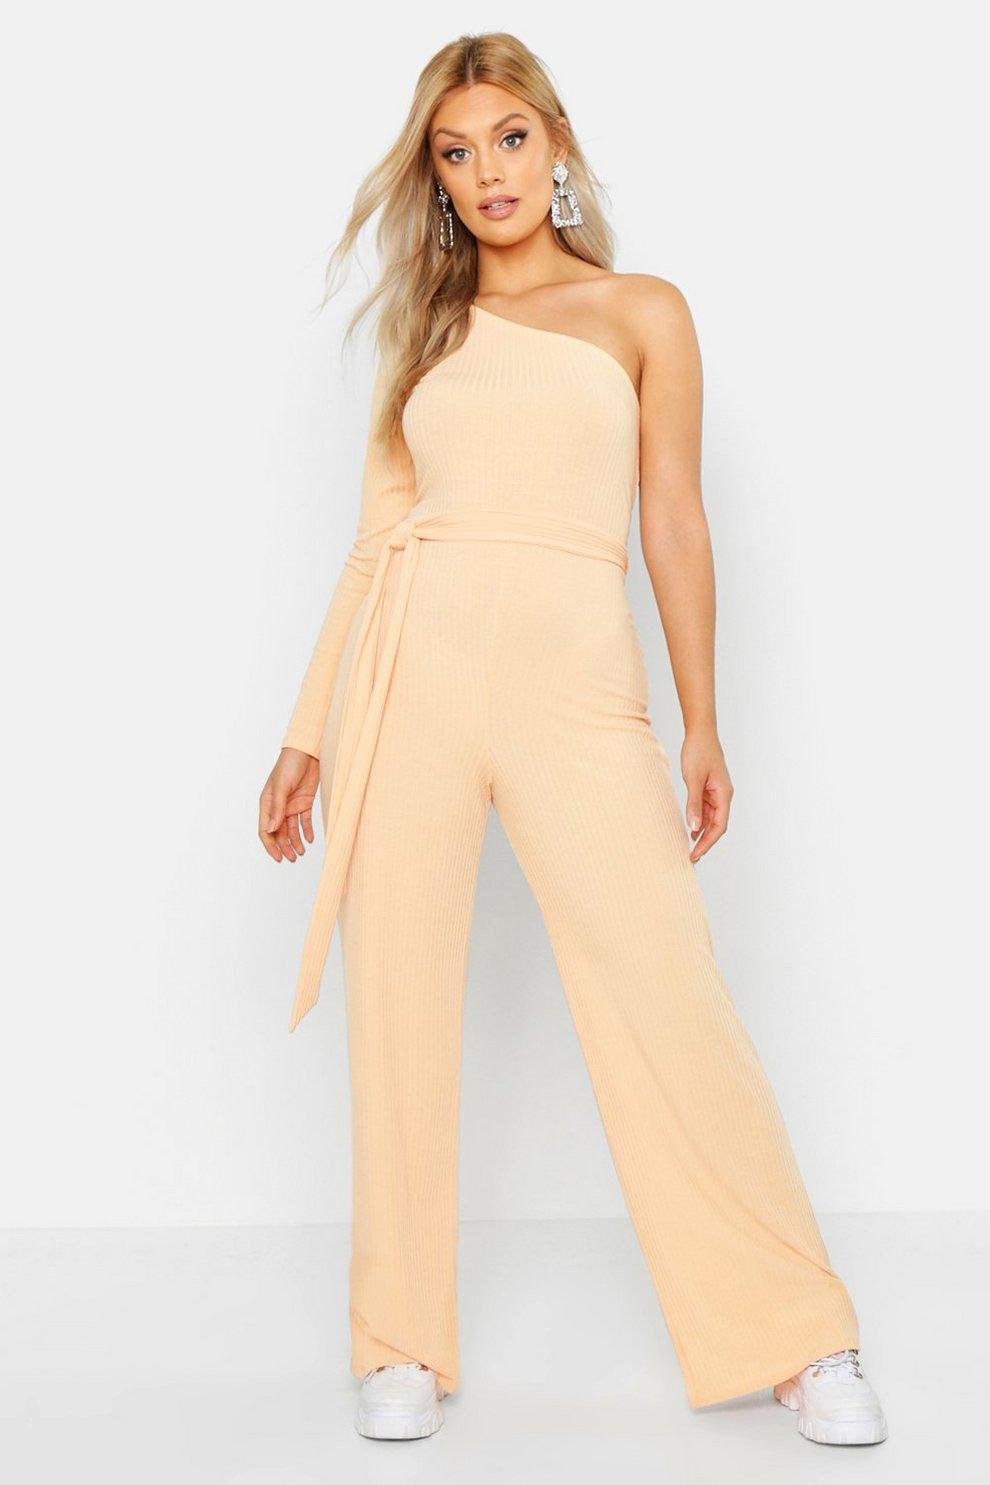 buy popular bbb34 c1d8f Plus gerippter One-Shoulder-Jumpsuit in ausgewaschenen Pastellfarben